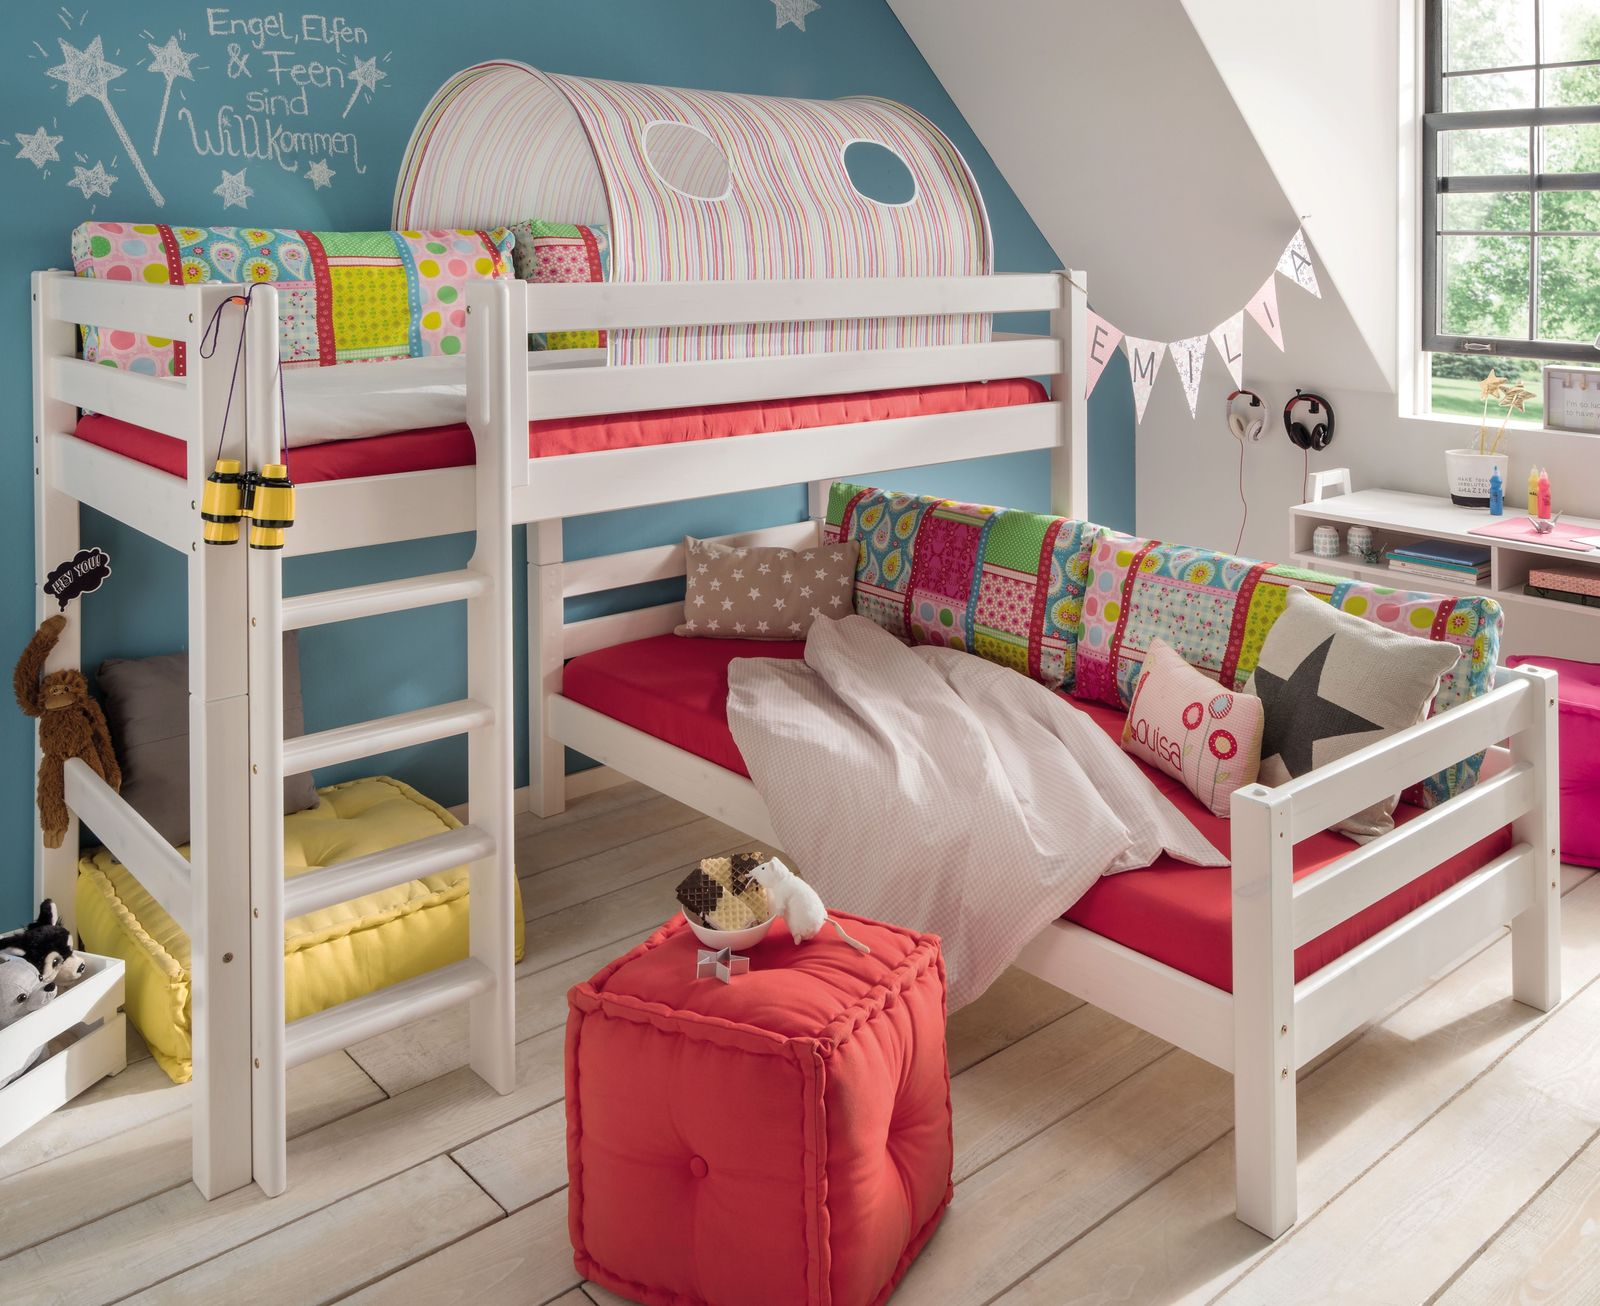 Etagenbett Dachschräge : Etagenbett für dachschrägen aus massiver kiefer kids paradise